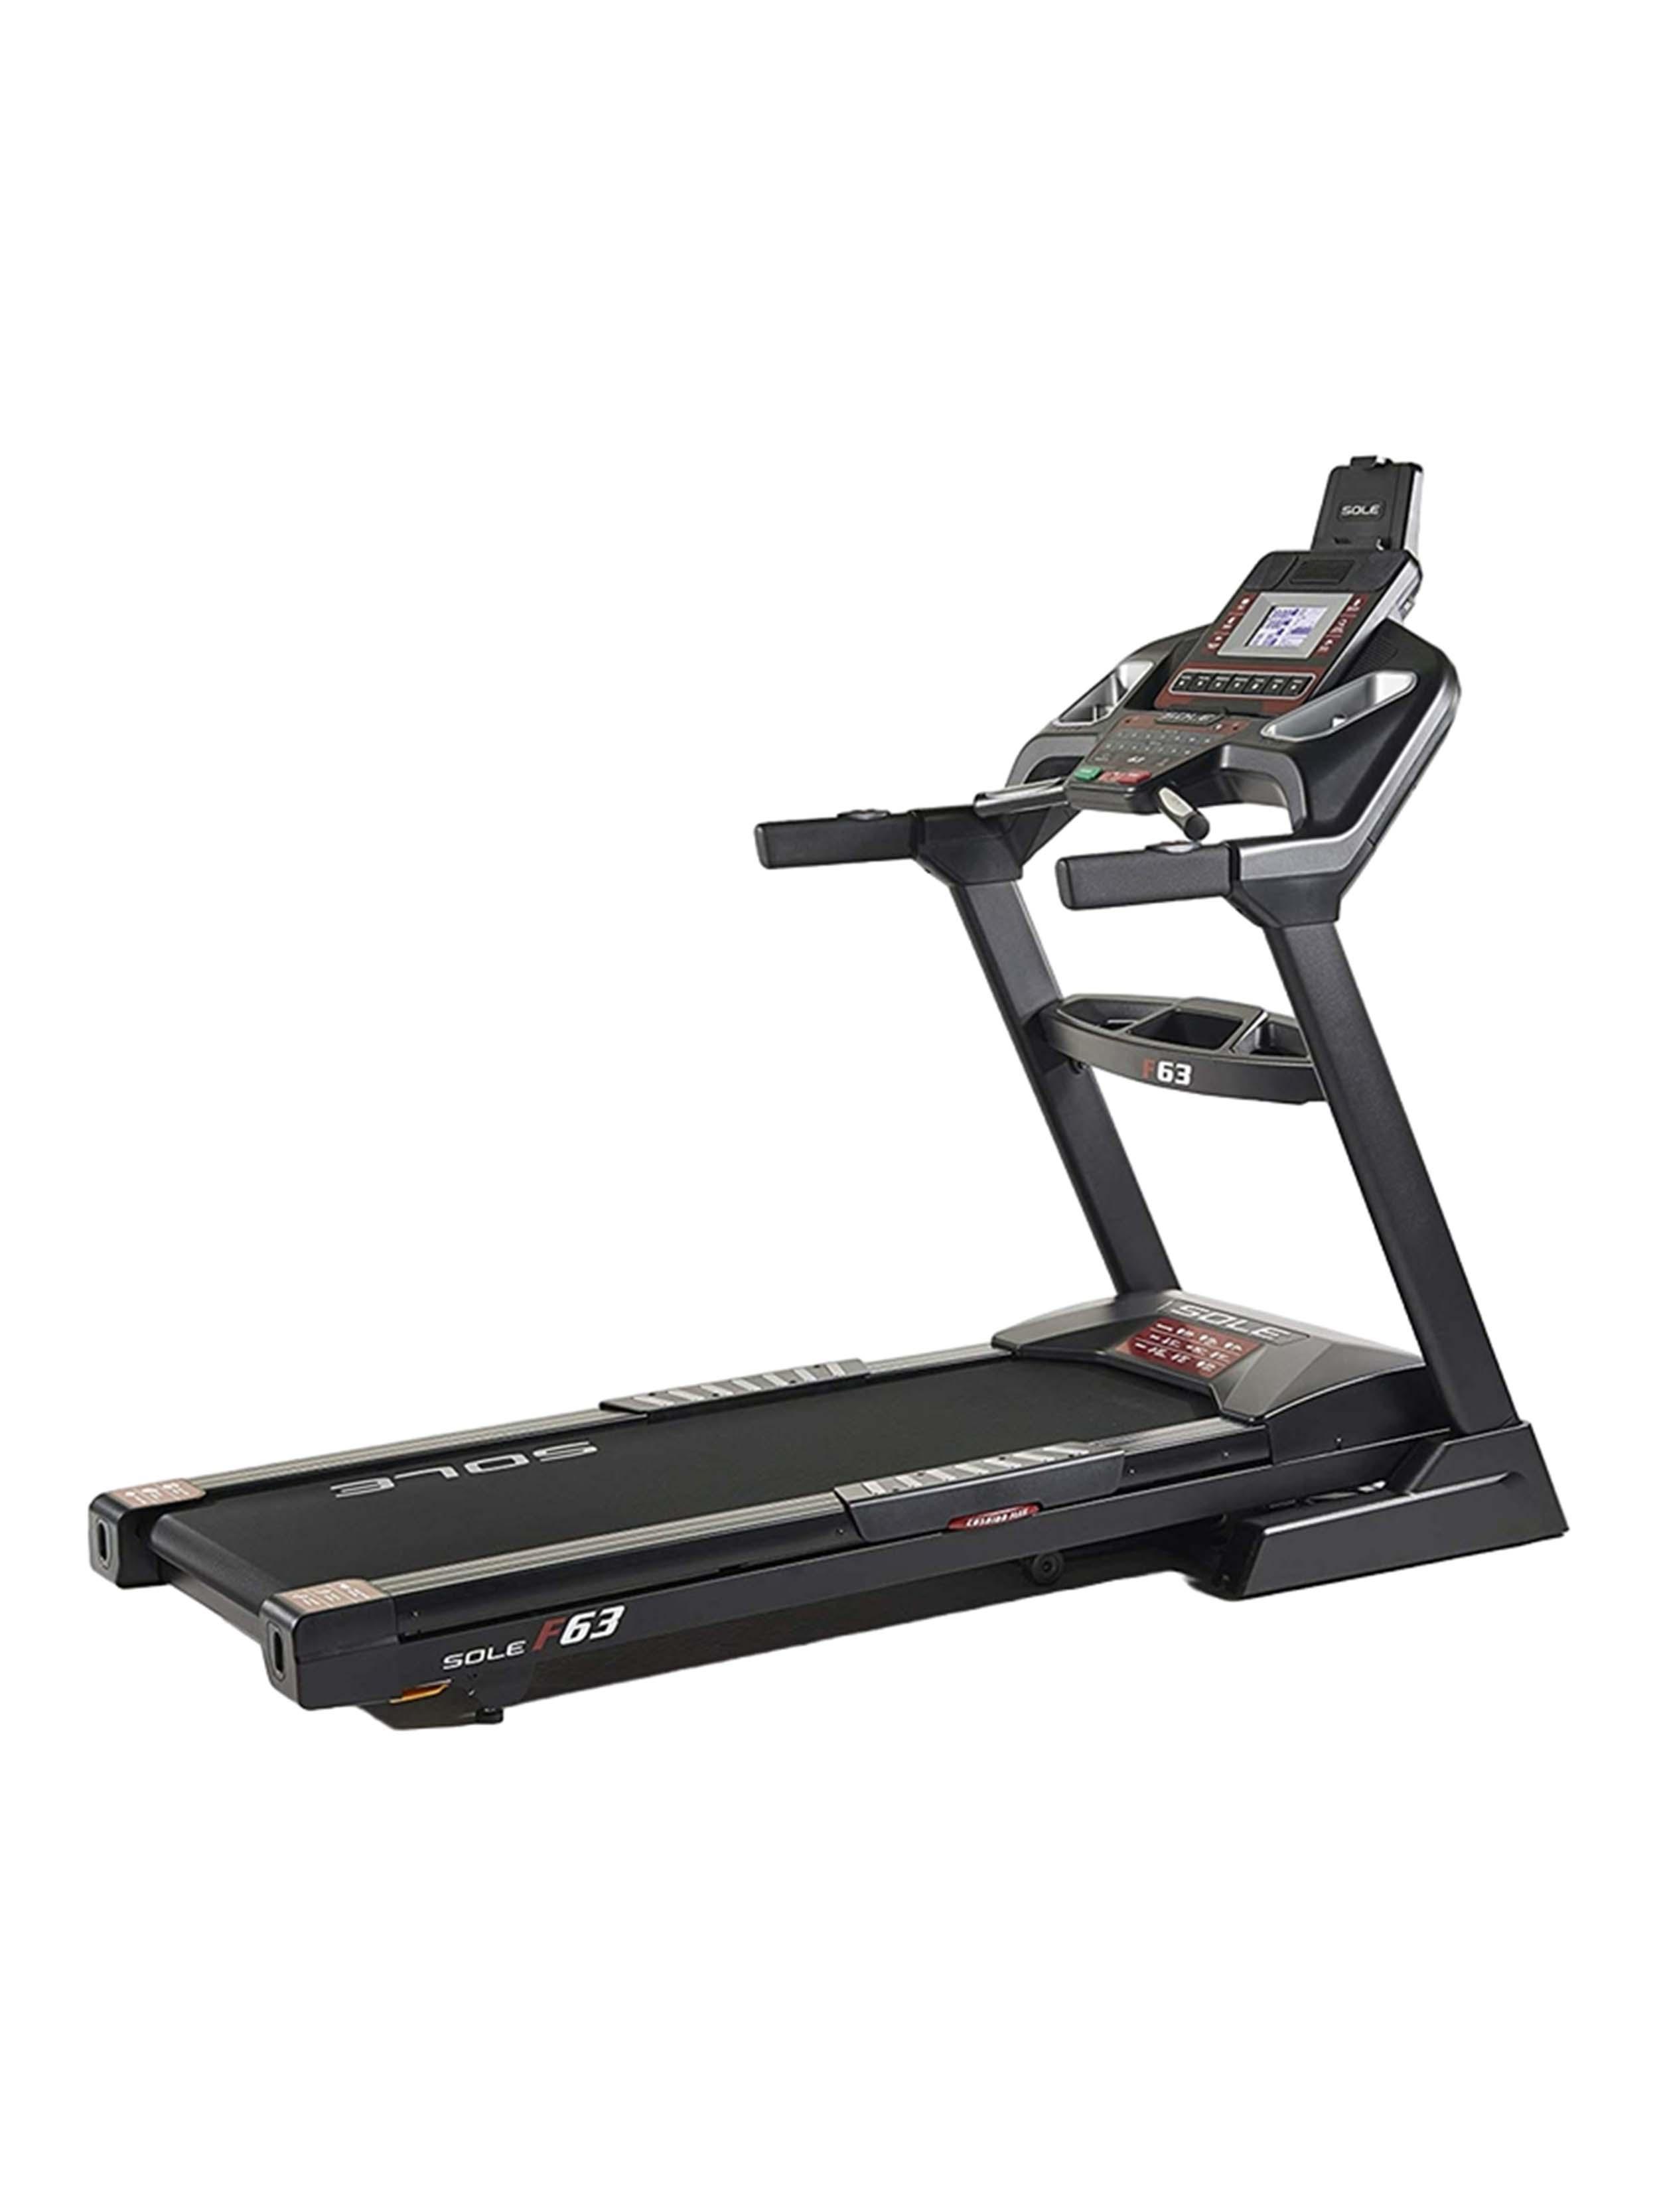 Treadmill F63 - 2019 Edition